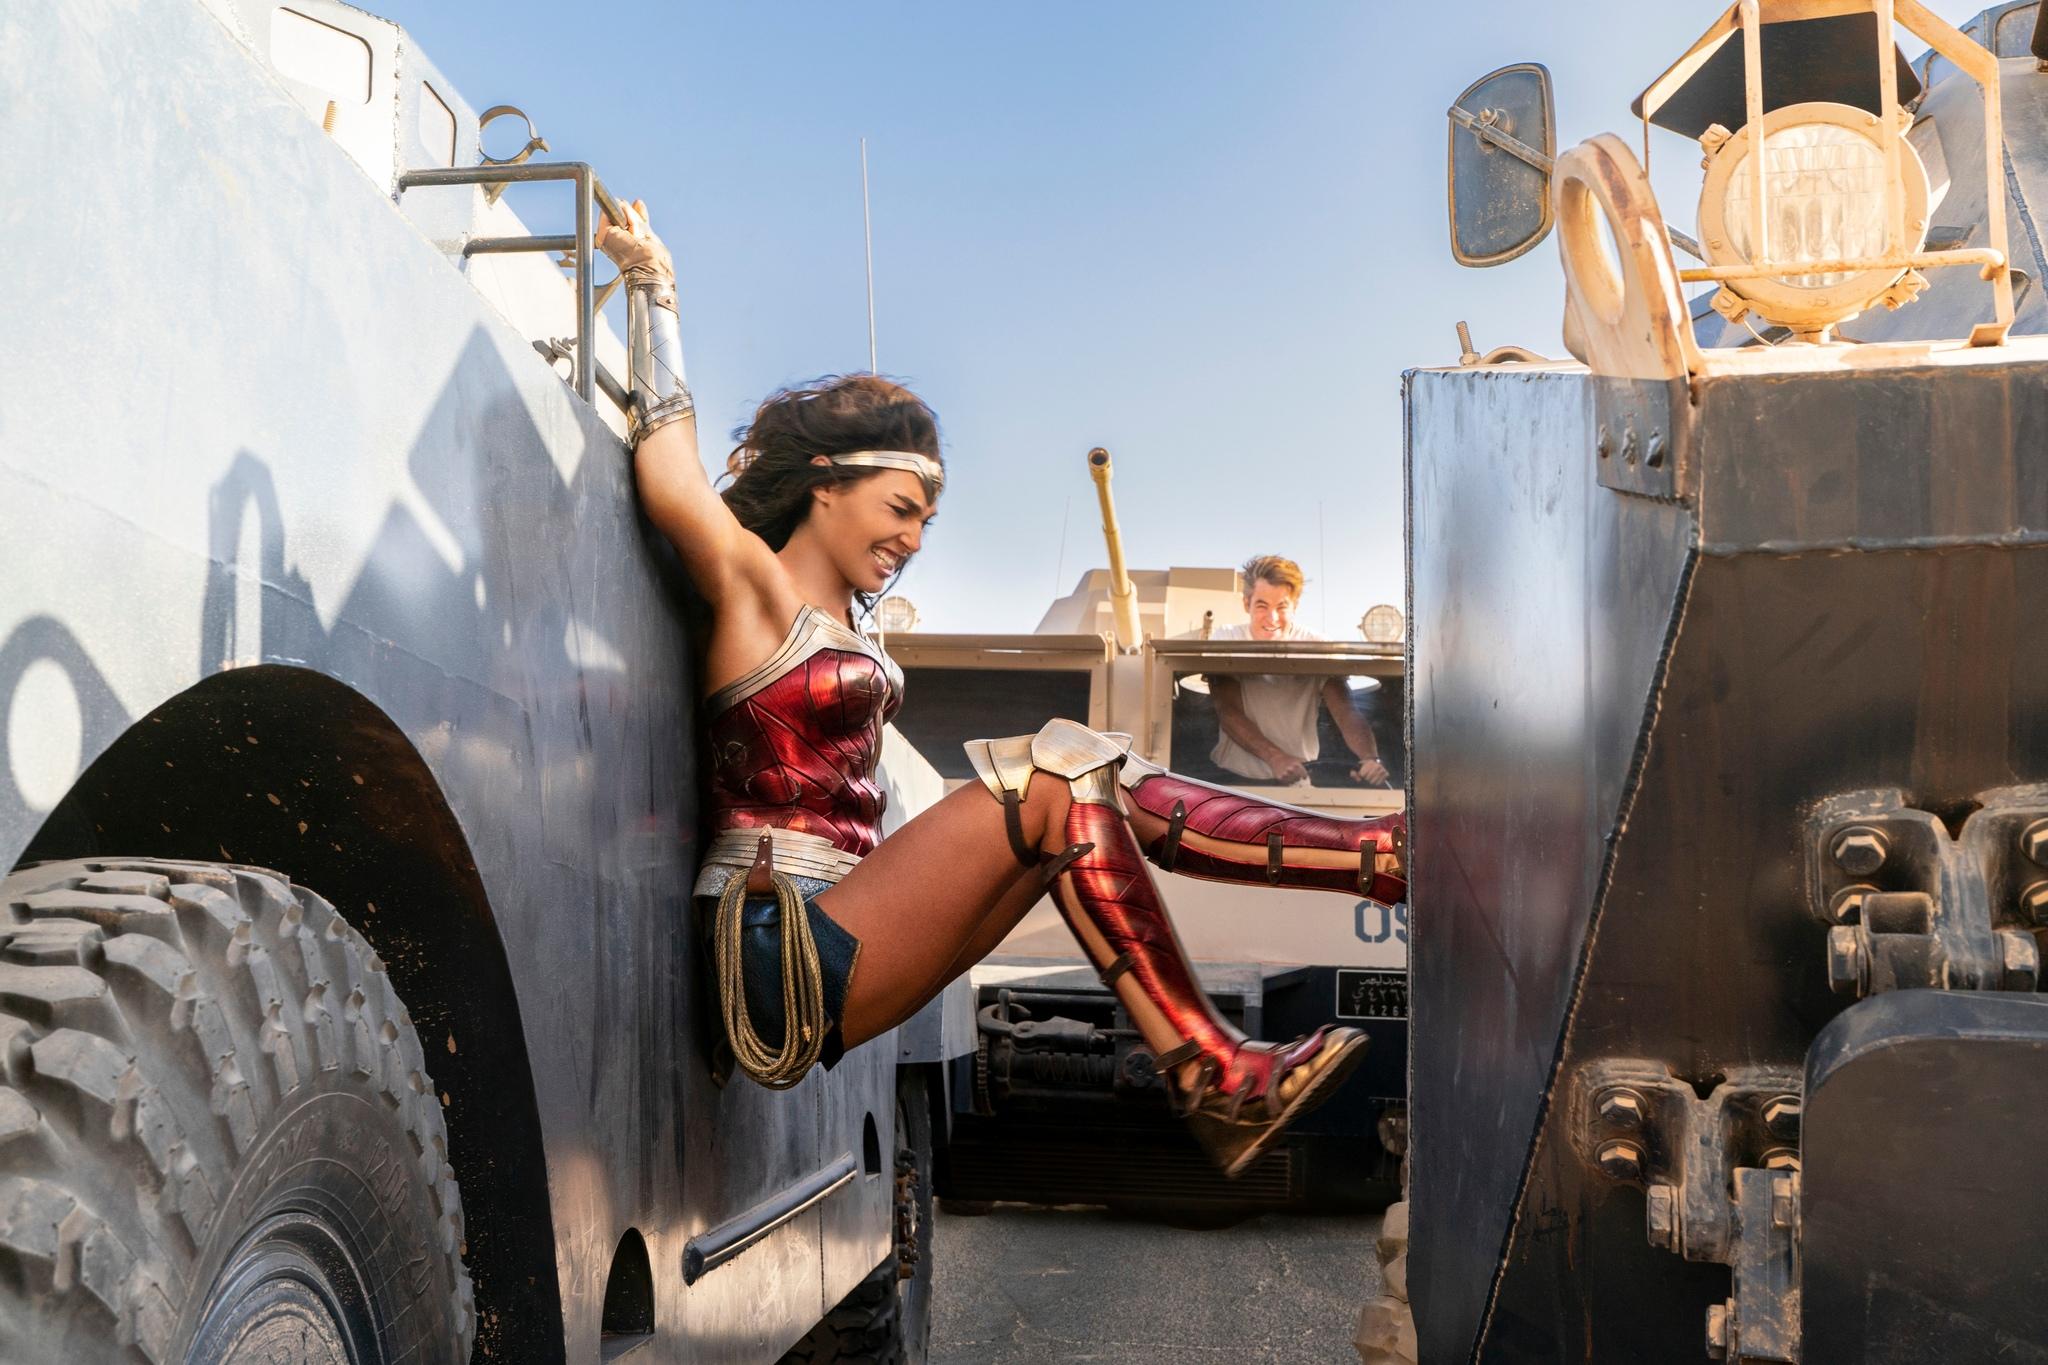 Wonder Woman (Gal Gadot) y Steve Trevor (Chris Pine) durante una escena de acción.